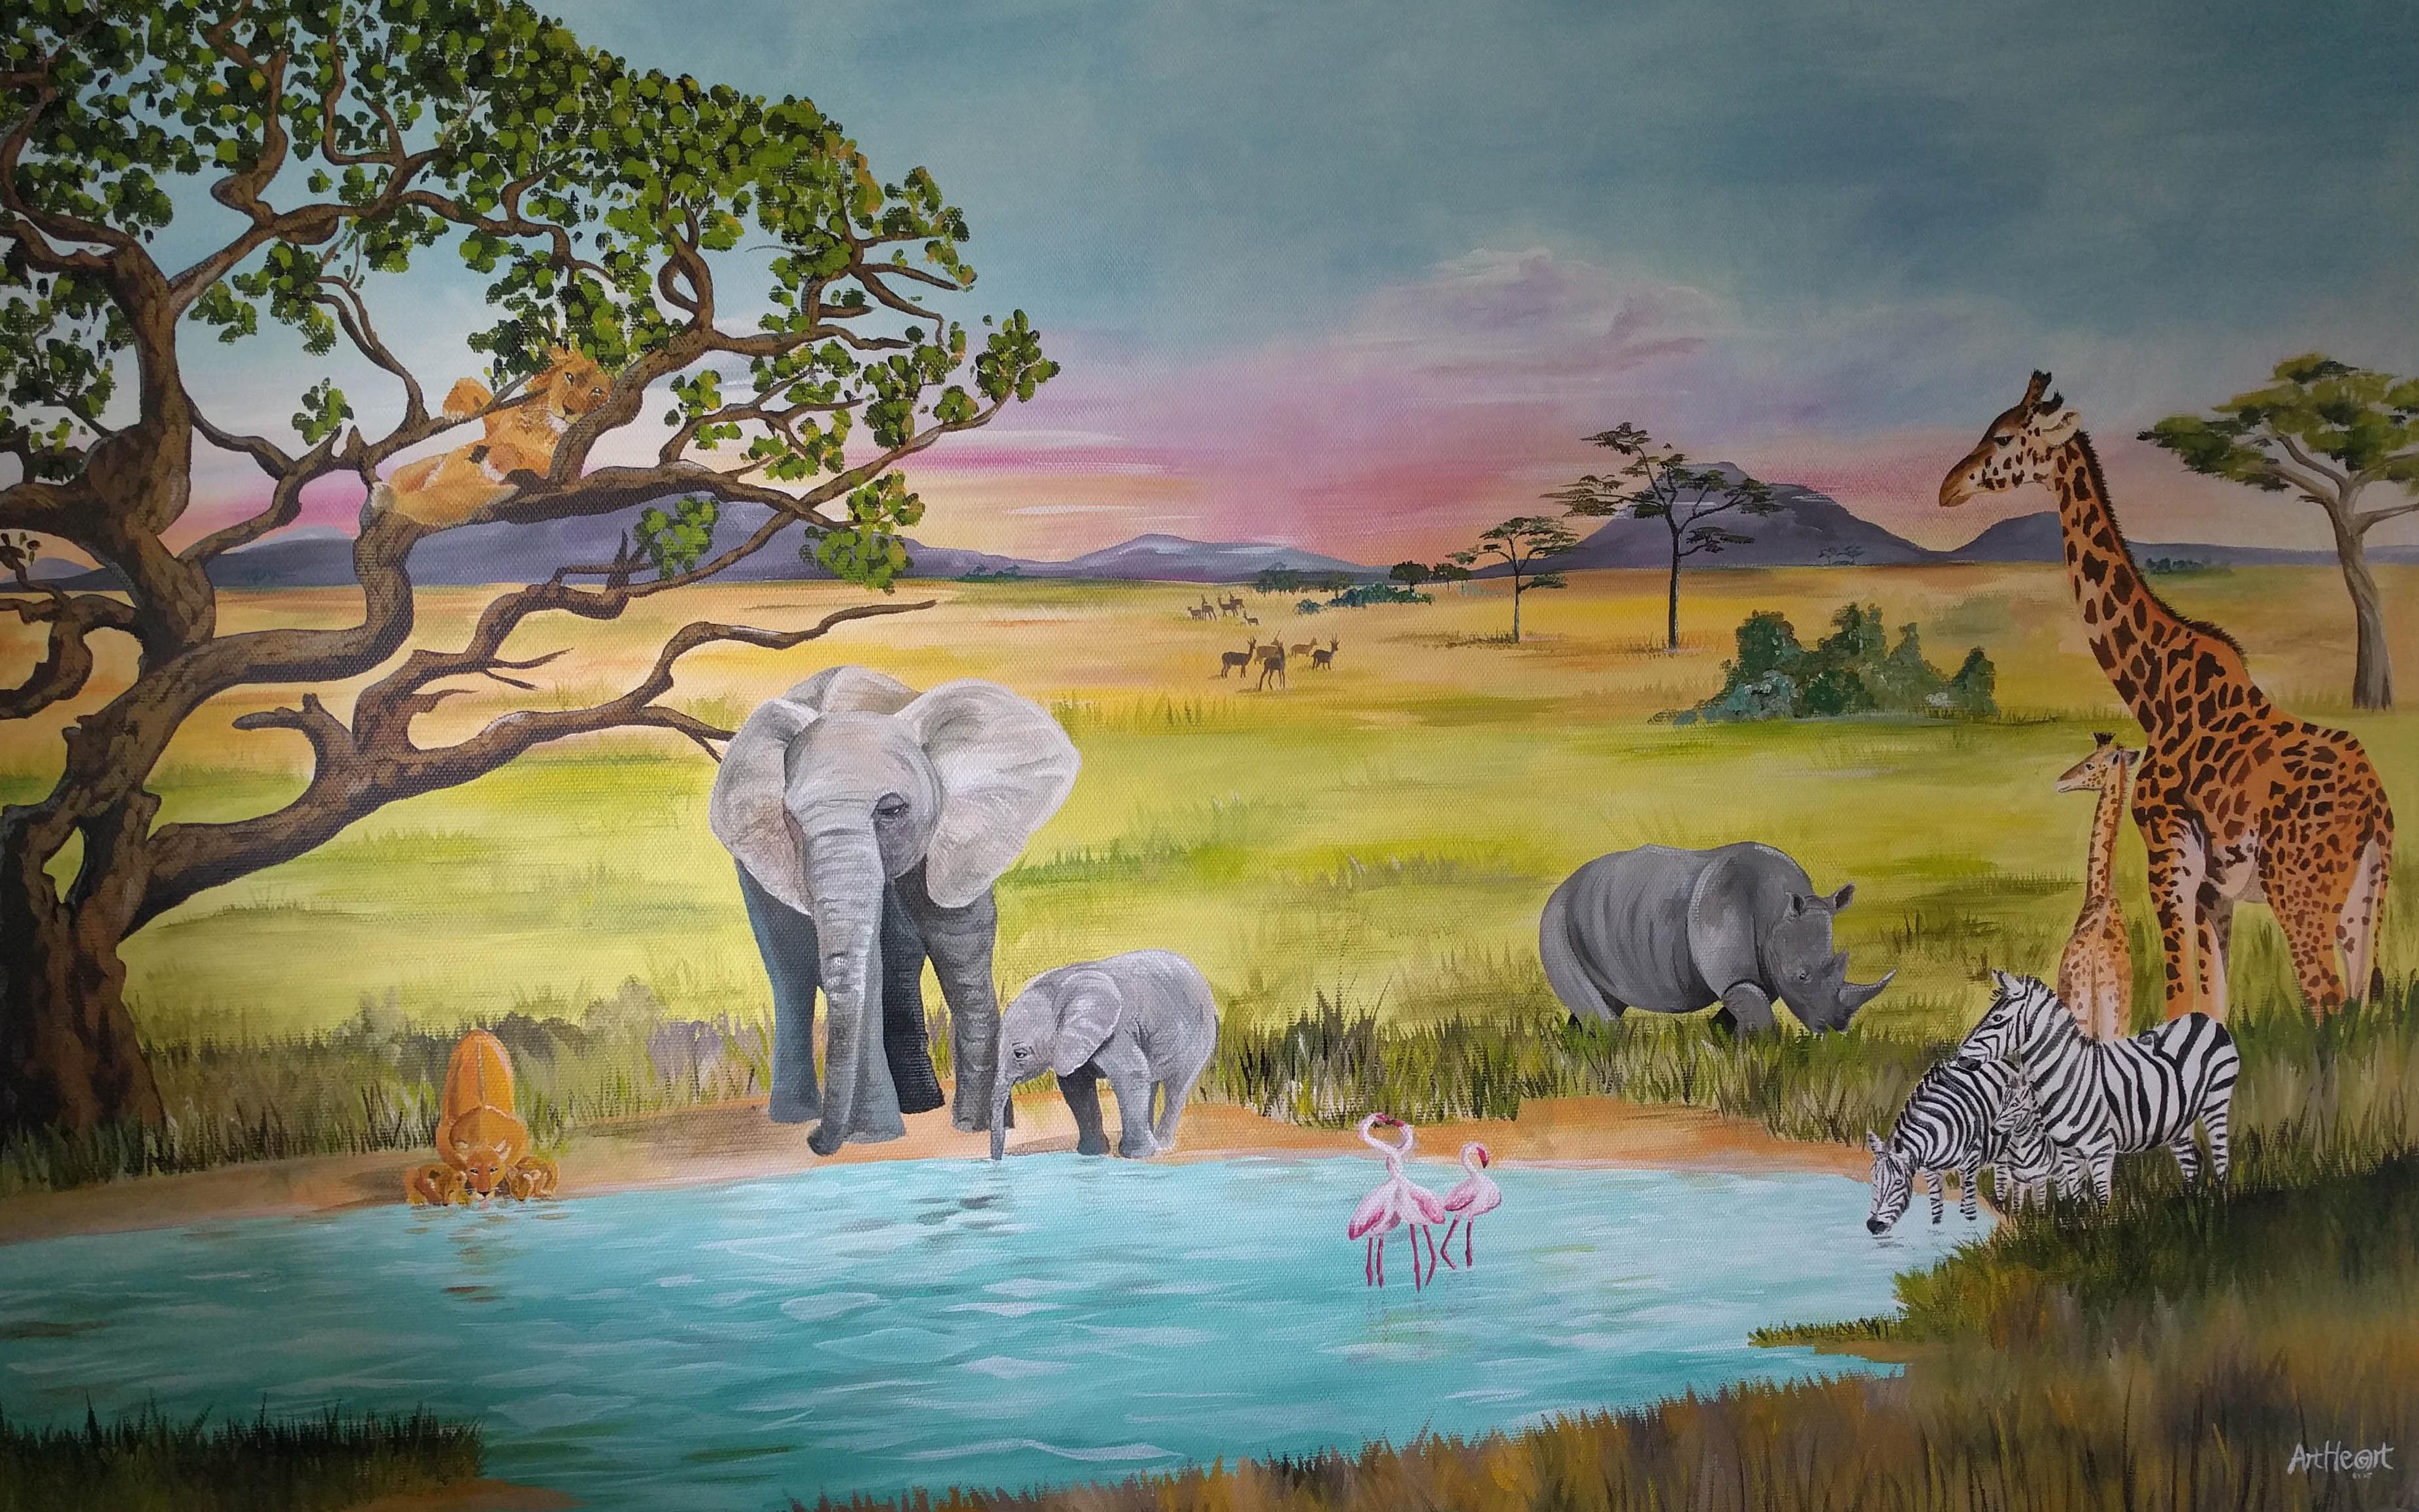 Vægmaleri af den afrikanske savanne, malet til et børneværelse